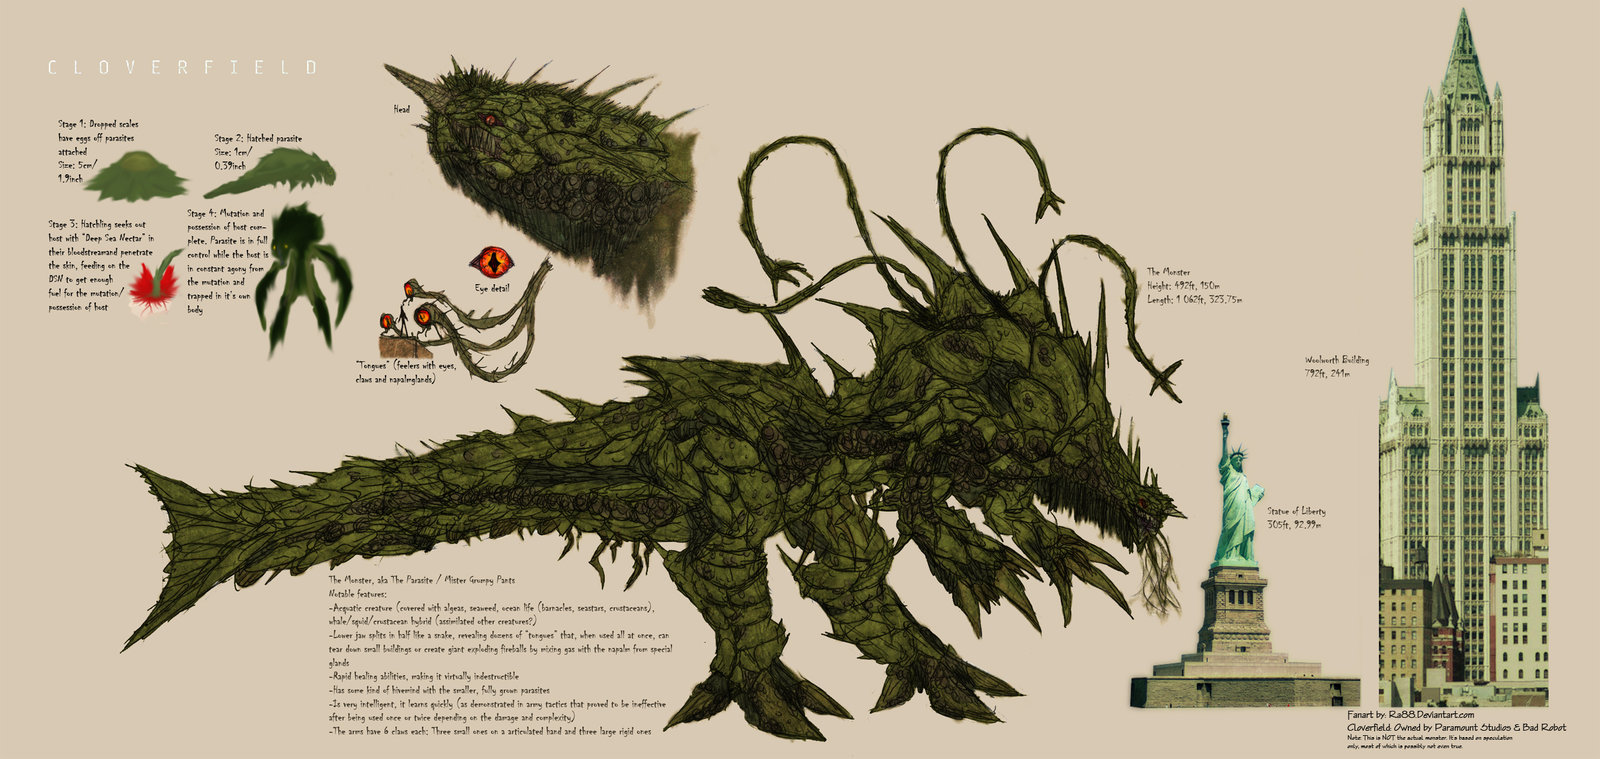 cloverfield_monster_v2_by_ra88.jpg